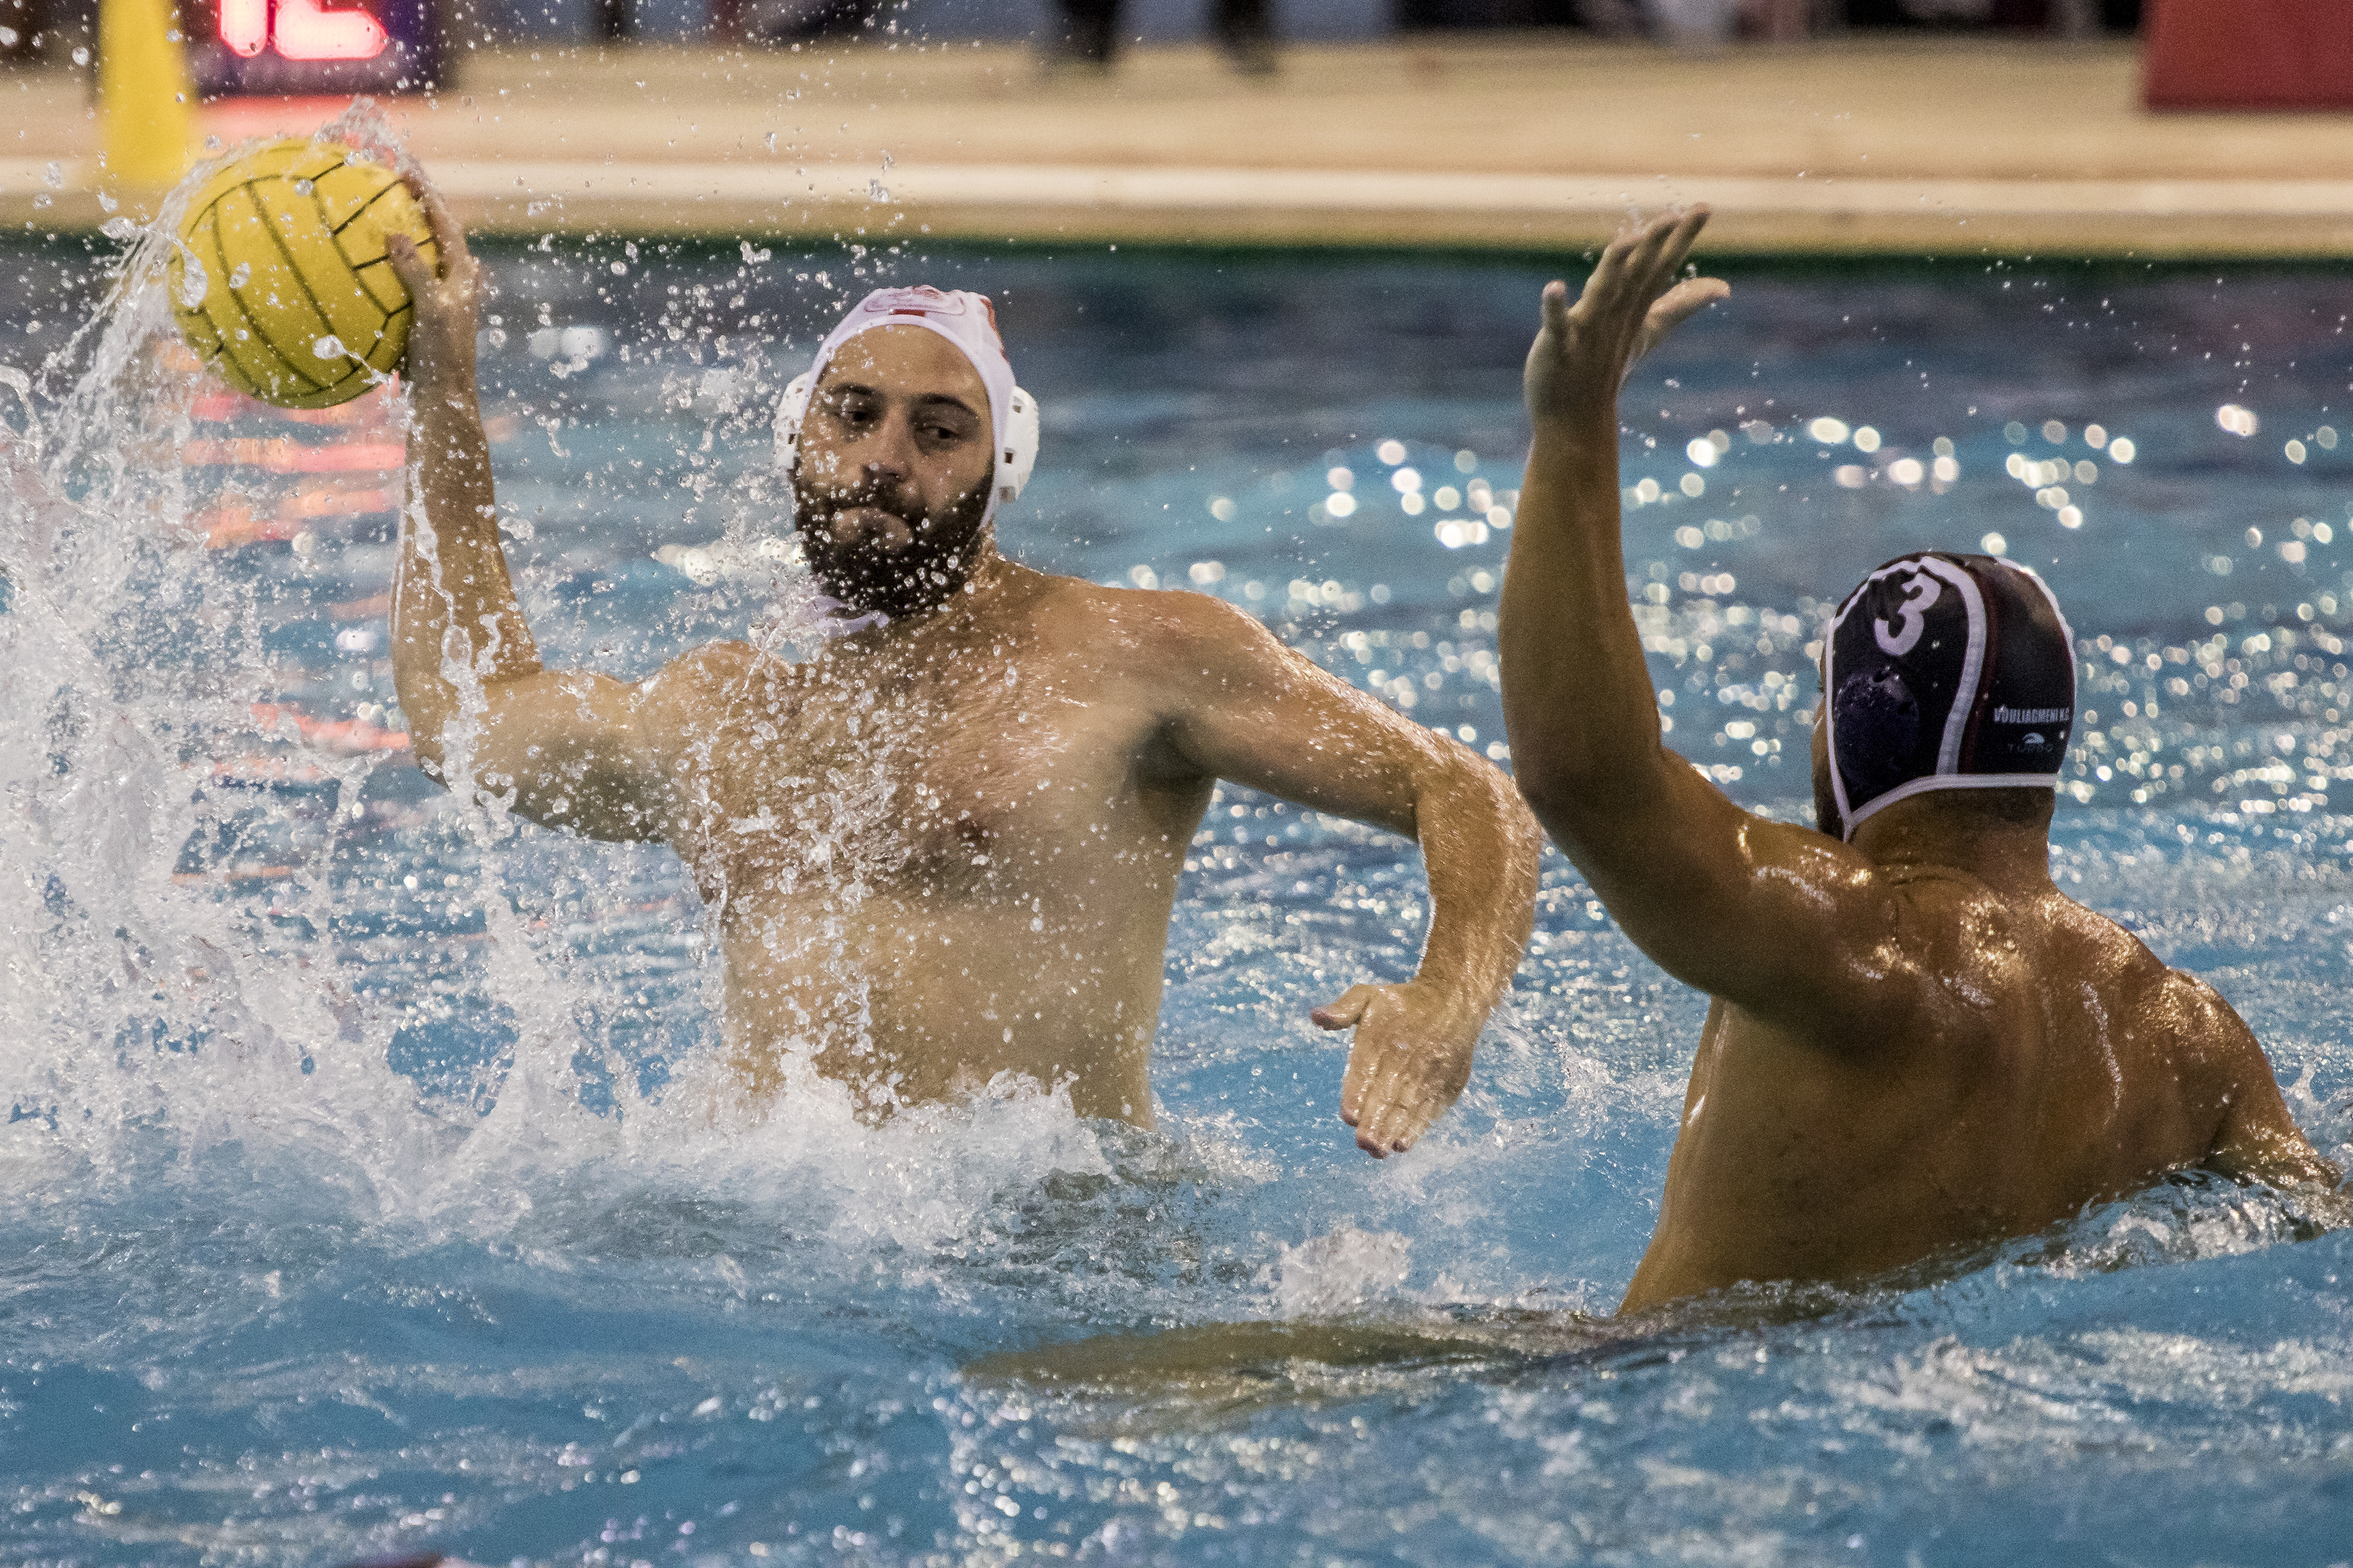 5377eab4bed8 Πρωταθλητής και νταμπλούχος ο Ολυμπιακός στην Α1 πόλο ανδρών ...